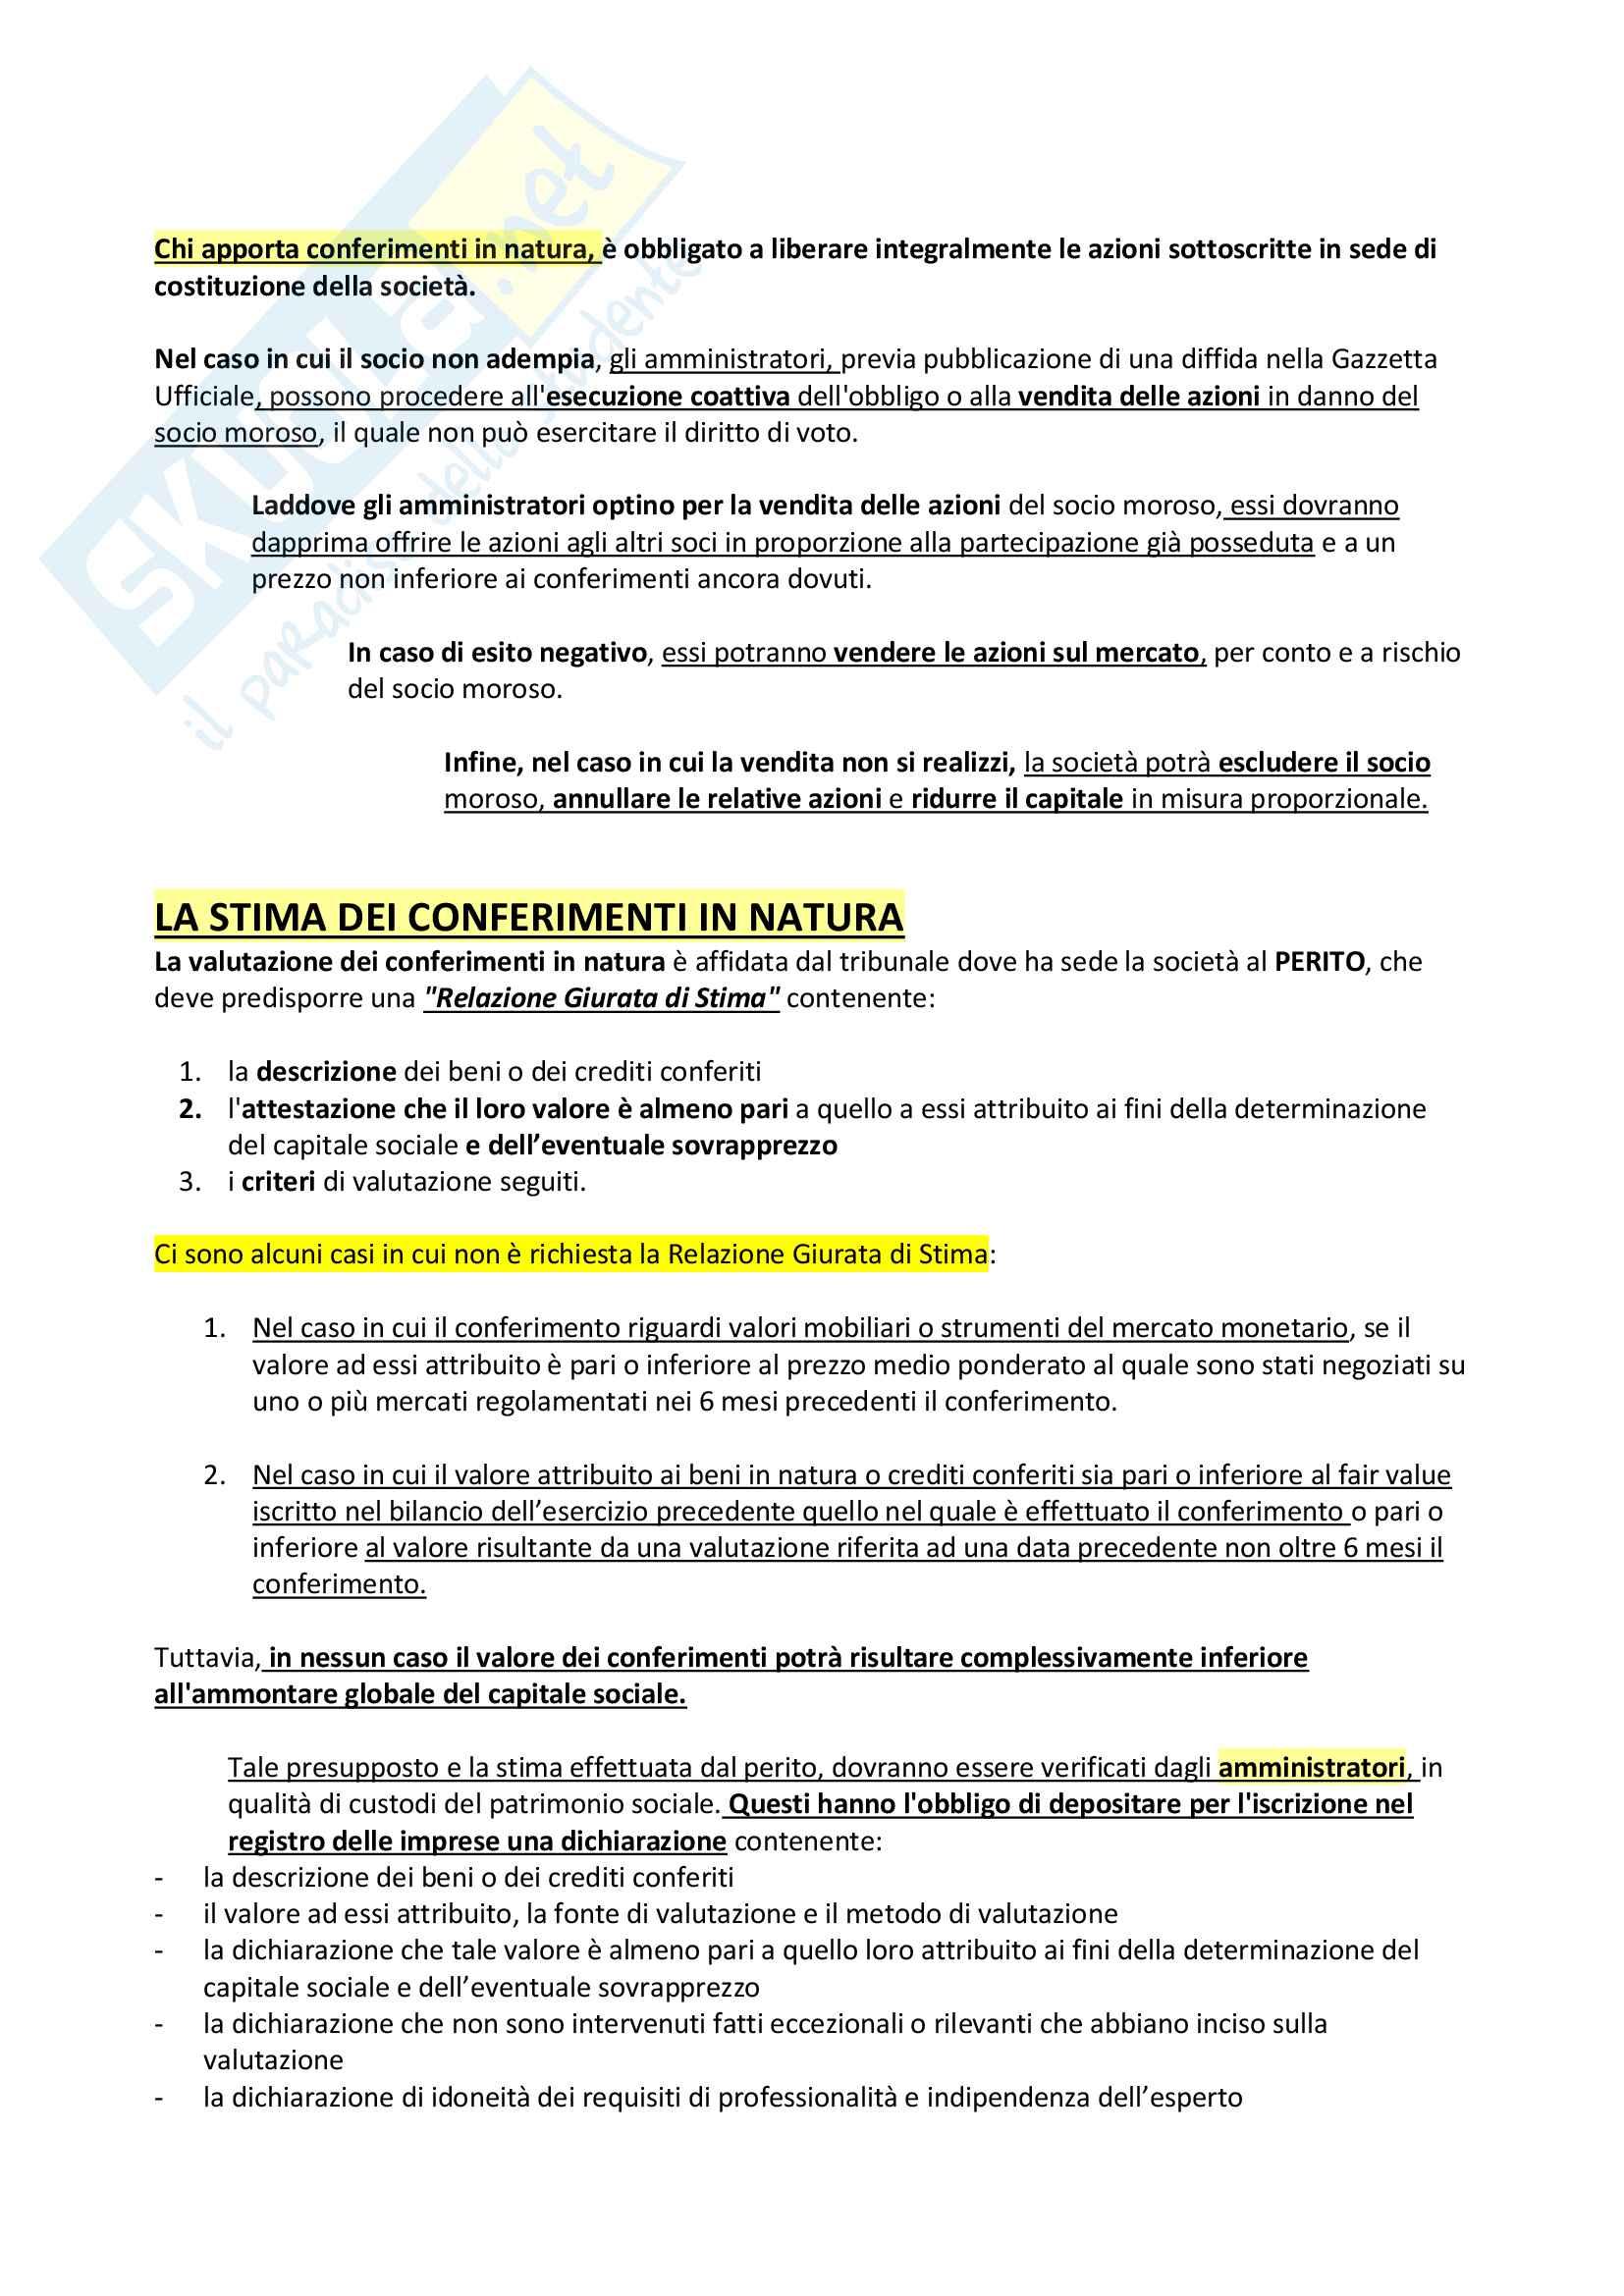 Riassunto + appunti di diritto delle società Pag. 21